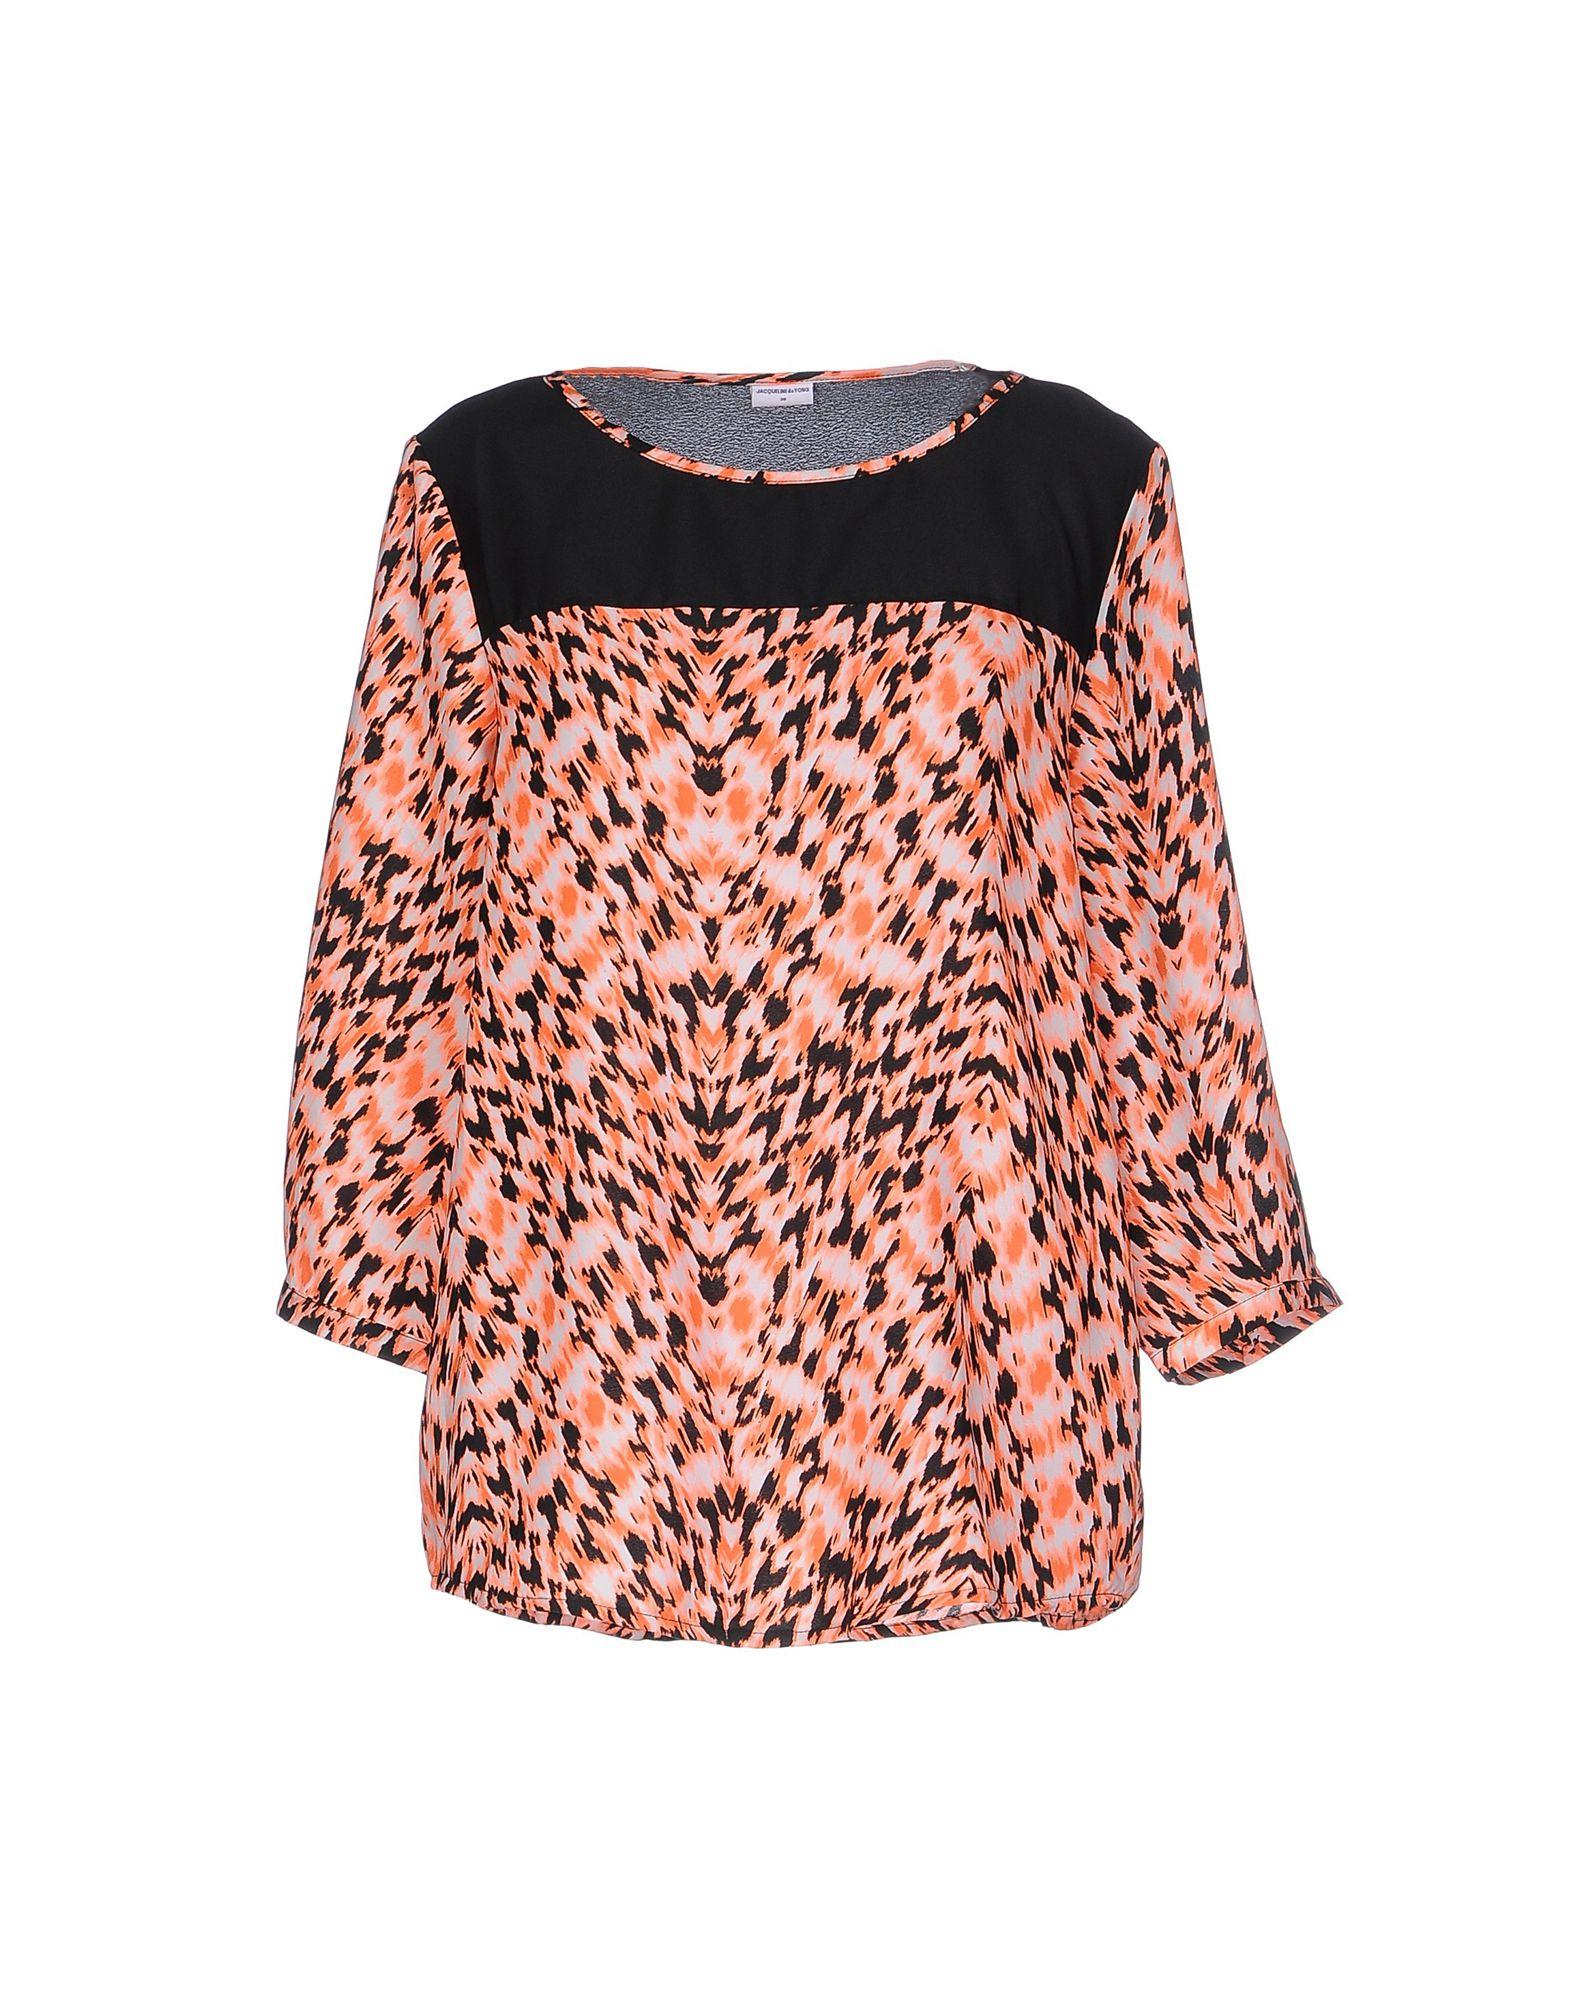 JACQUELINE de YONG Блузка блуза jacqueline de yong jacqueline de yong ja908ewxpi99